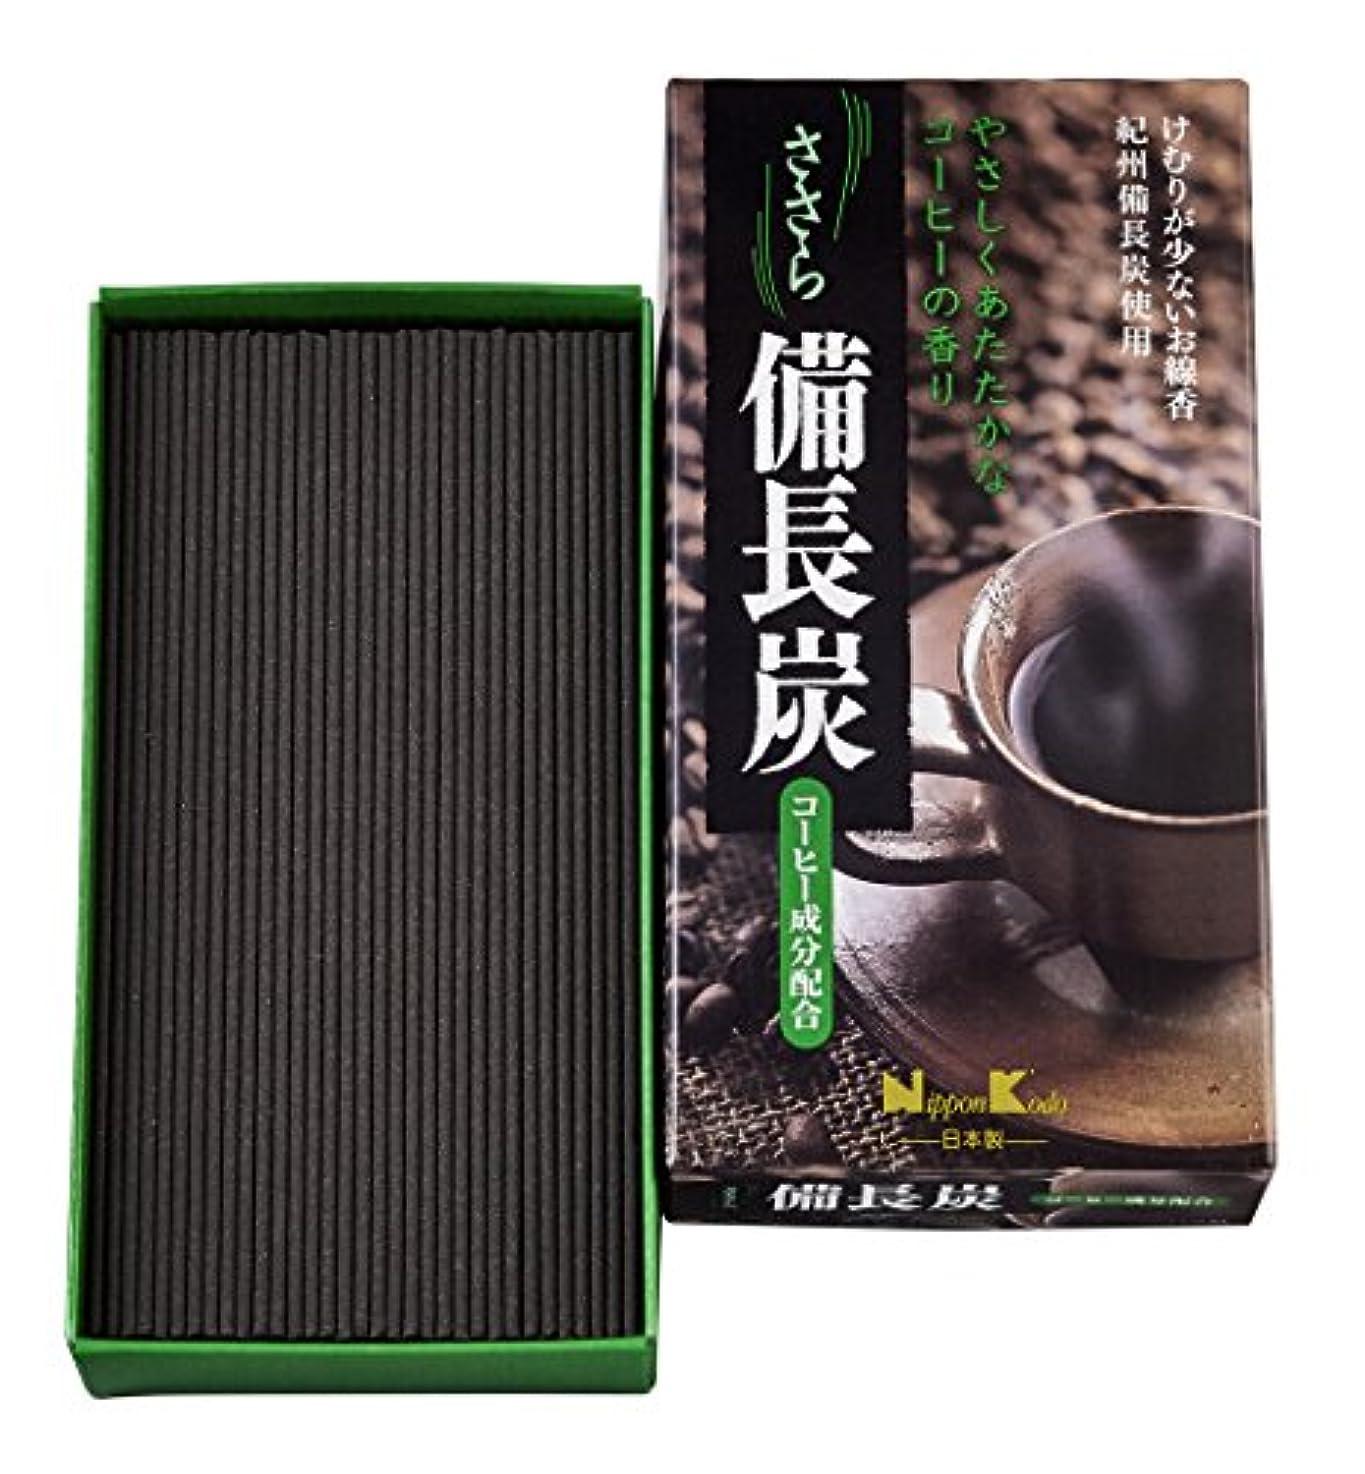 海里有利よろめくささら 備長炭 コーヒー バラ詰